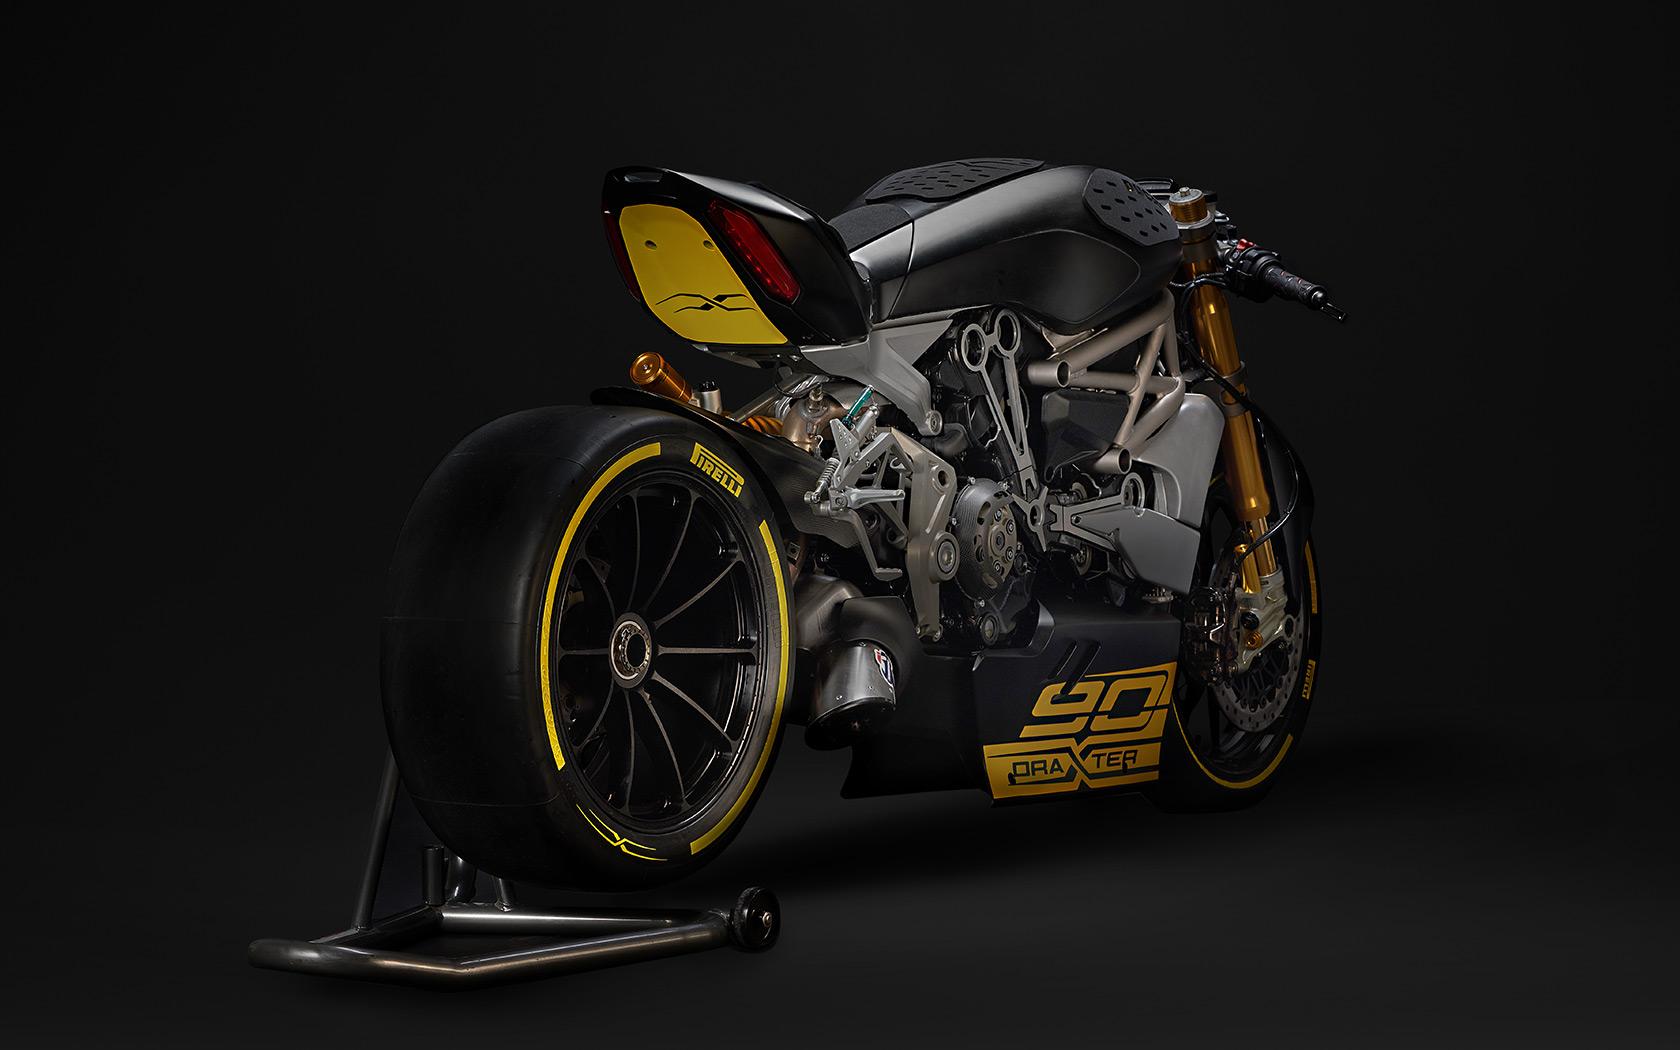 Ducati DraXter - 2016 - arrière / rear